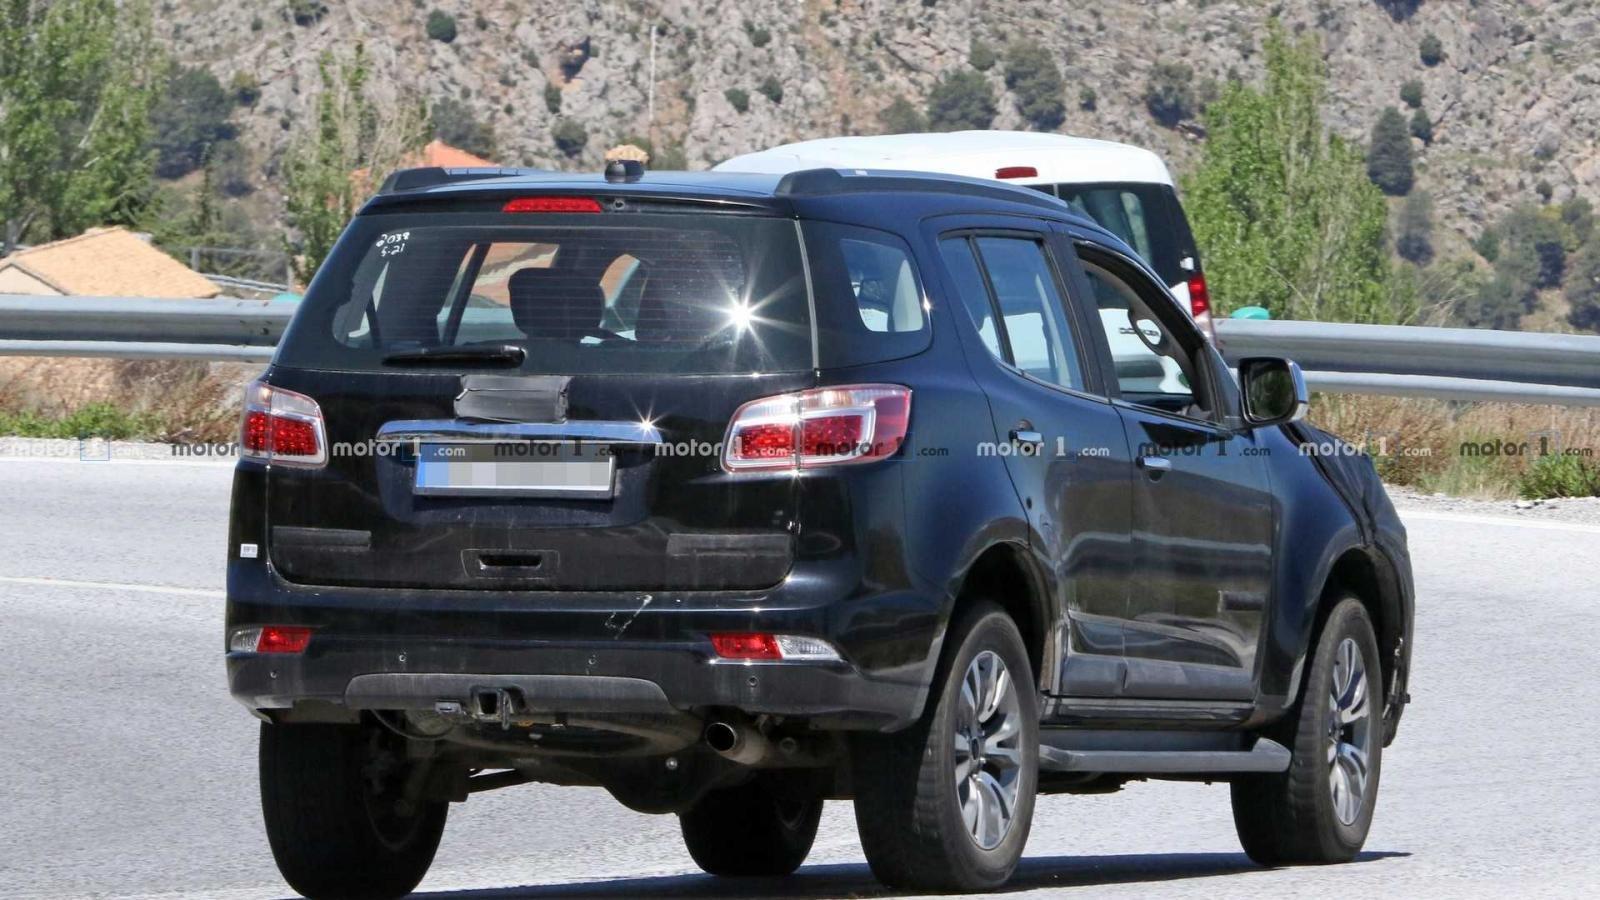 Chevrolet Trailblazer chạy thử tại Châu Âu, gây thất vọng vì xấu 10